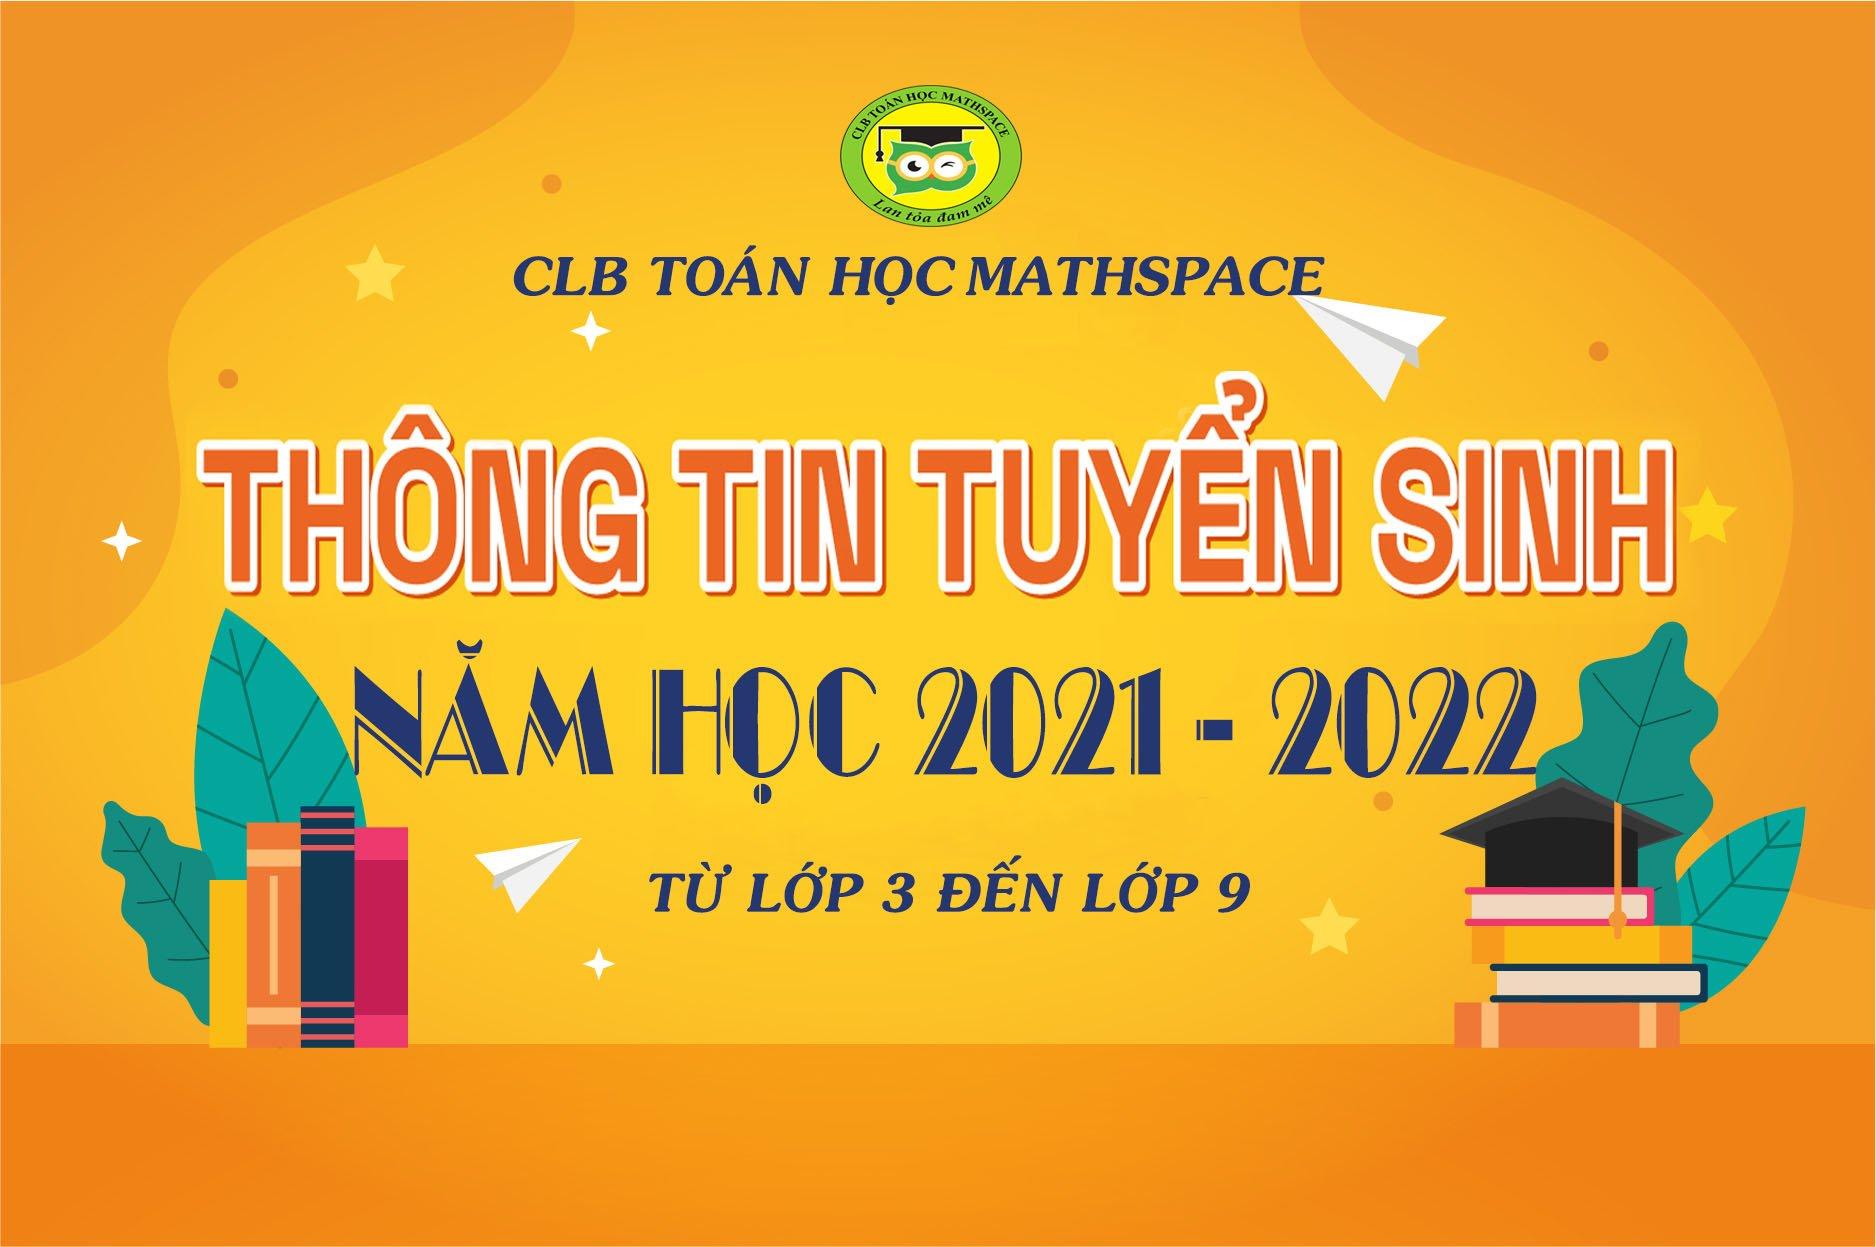 THÔNG TIN TUYỂN SINH ĐỢT 2 CLB TOÁN HỌC MATHSPACE NĂM HỌC 2021-2022